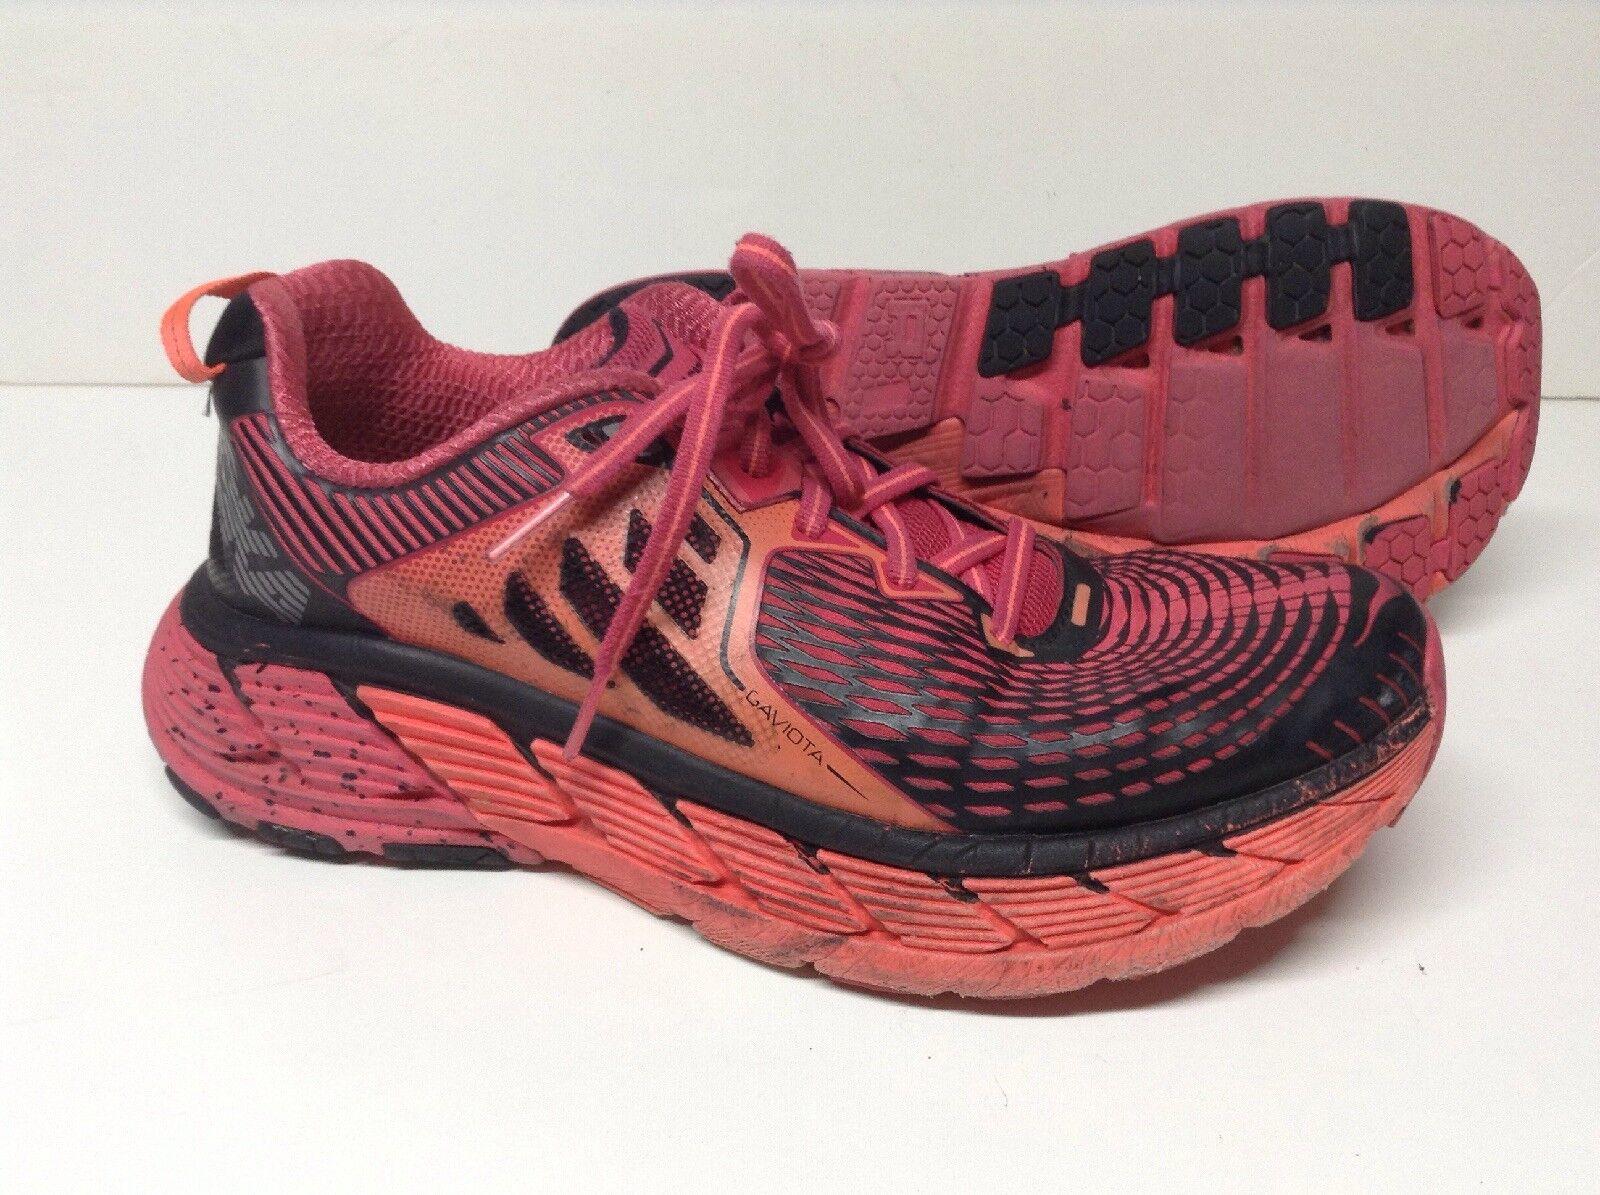 Hoka One One gaviota rosadodo negro Running zapatos zapatos zapatos Para Mujer EE. UU. 9 40 EUR  la red entera más baja